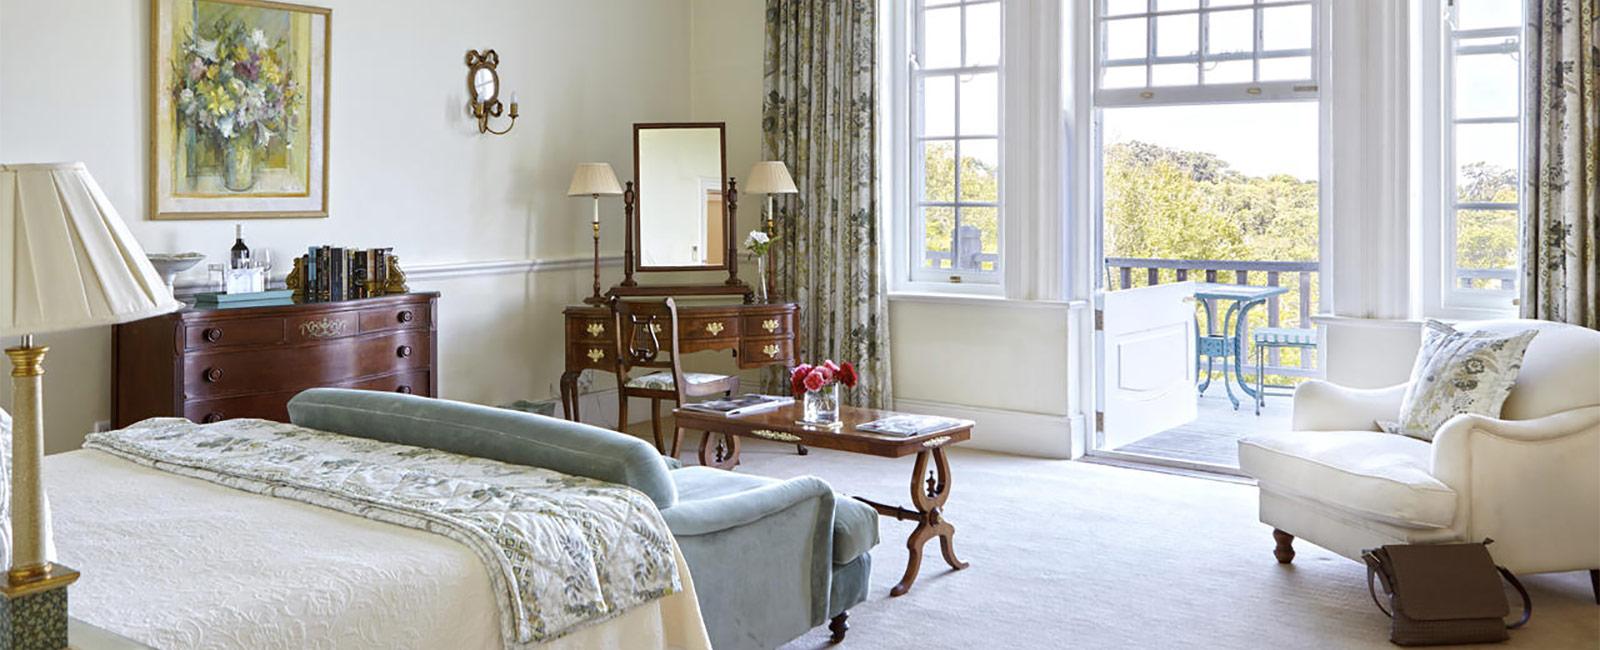 Luxury Double Room with Verandah